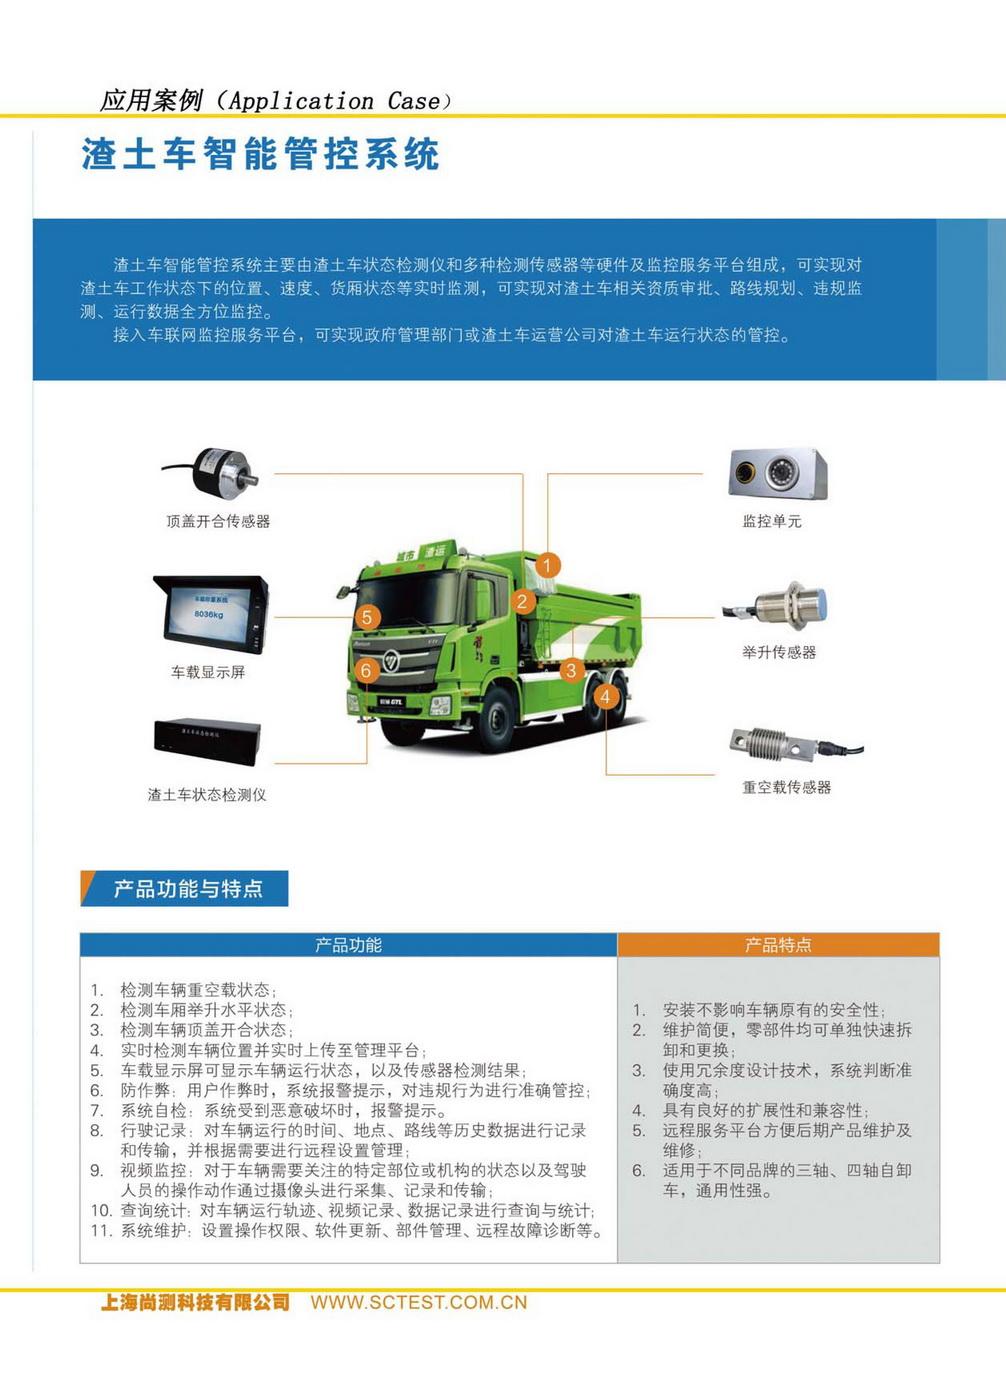 尚测科技产品选型手册 V1.3_页面_85_调整大小.jpg